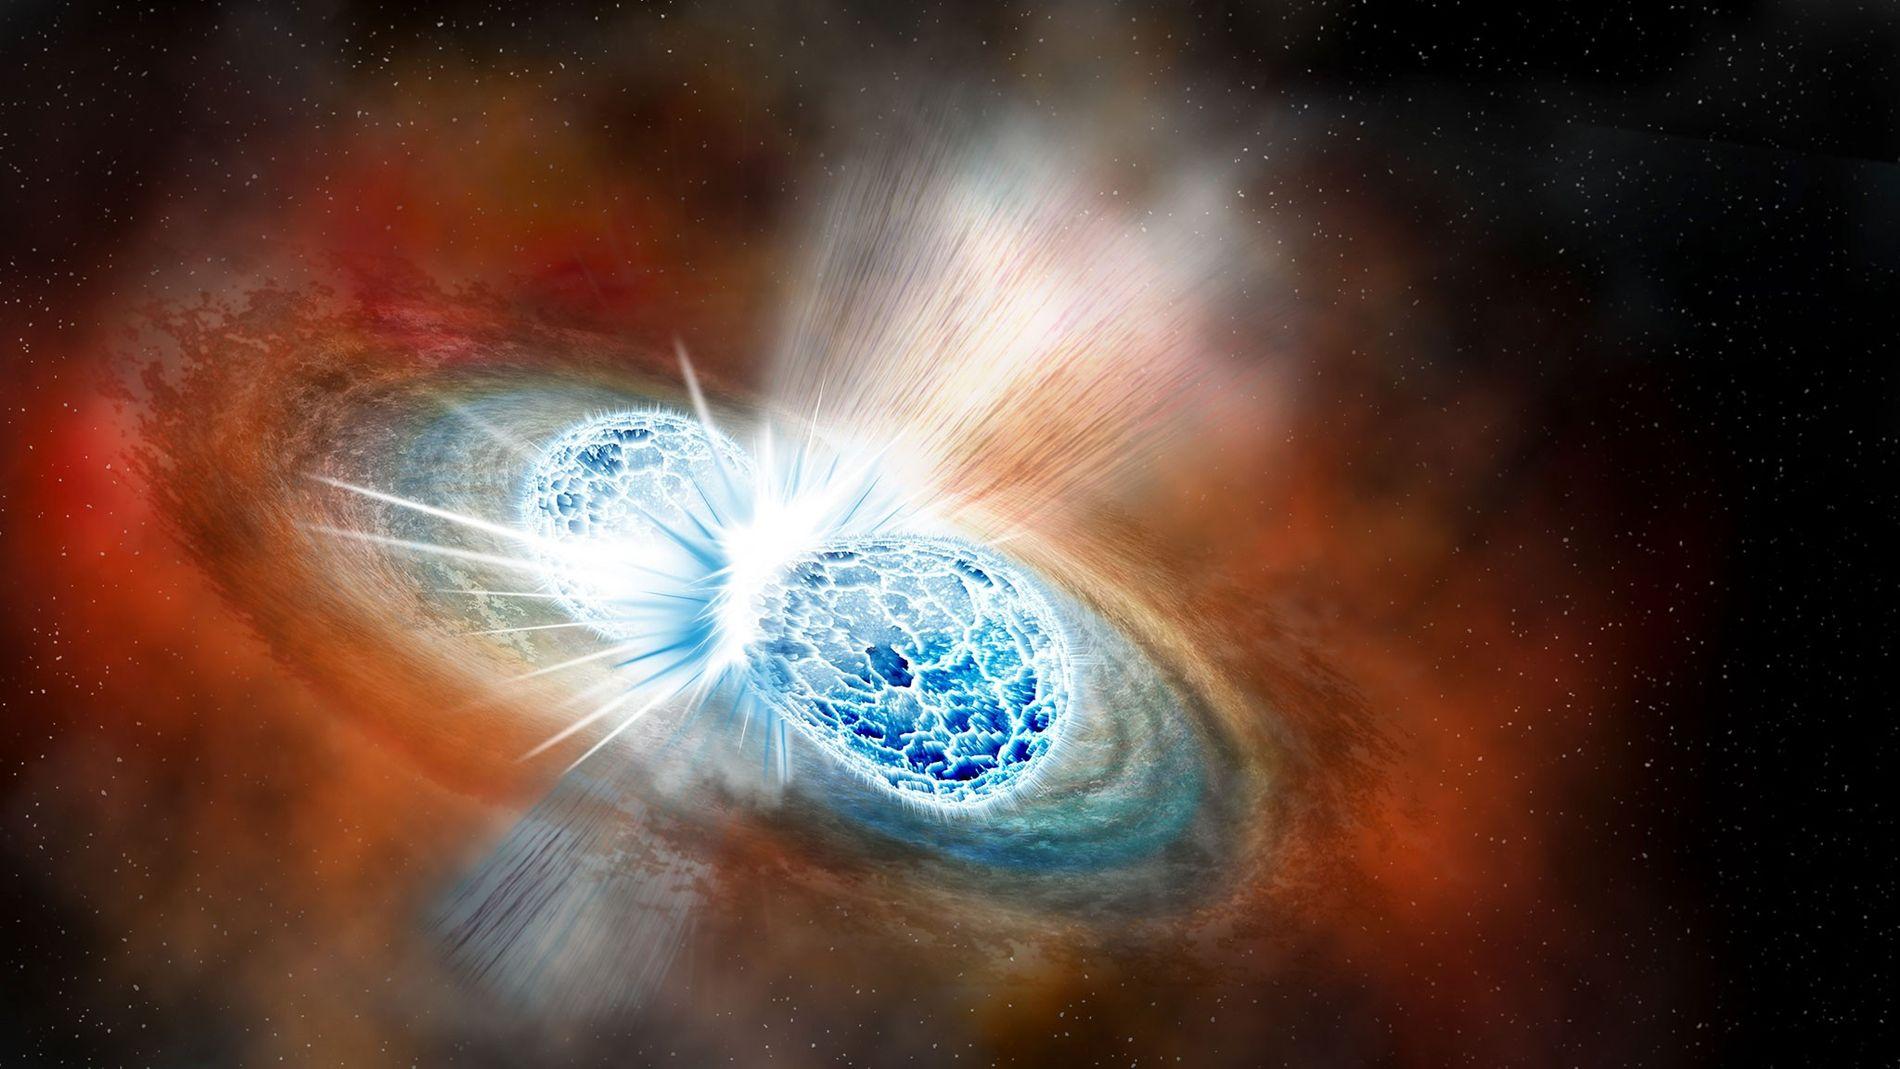 Sur cette illustration, deux étoiles à neutrons entrent en collision lors d'une explosion appelée supernova. Le ...